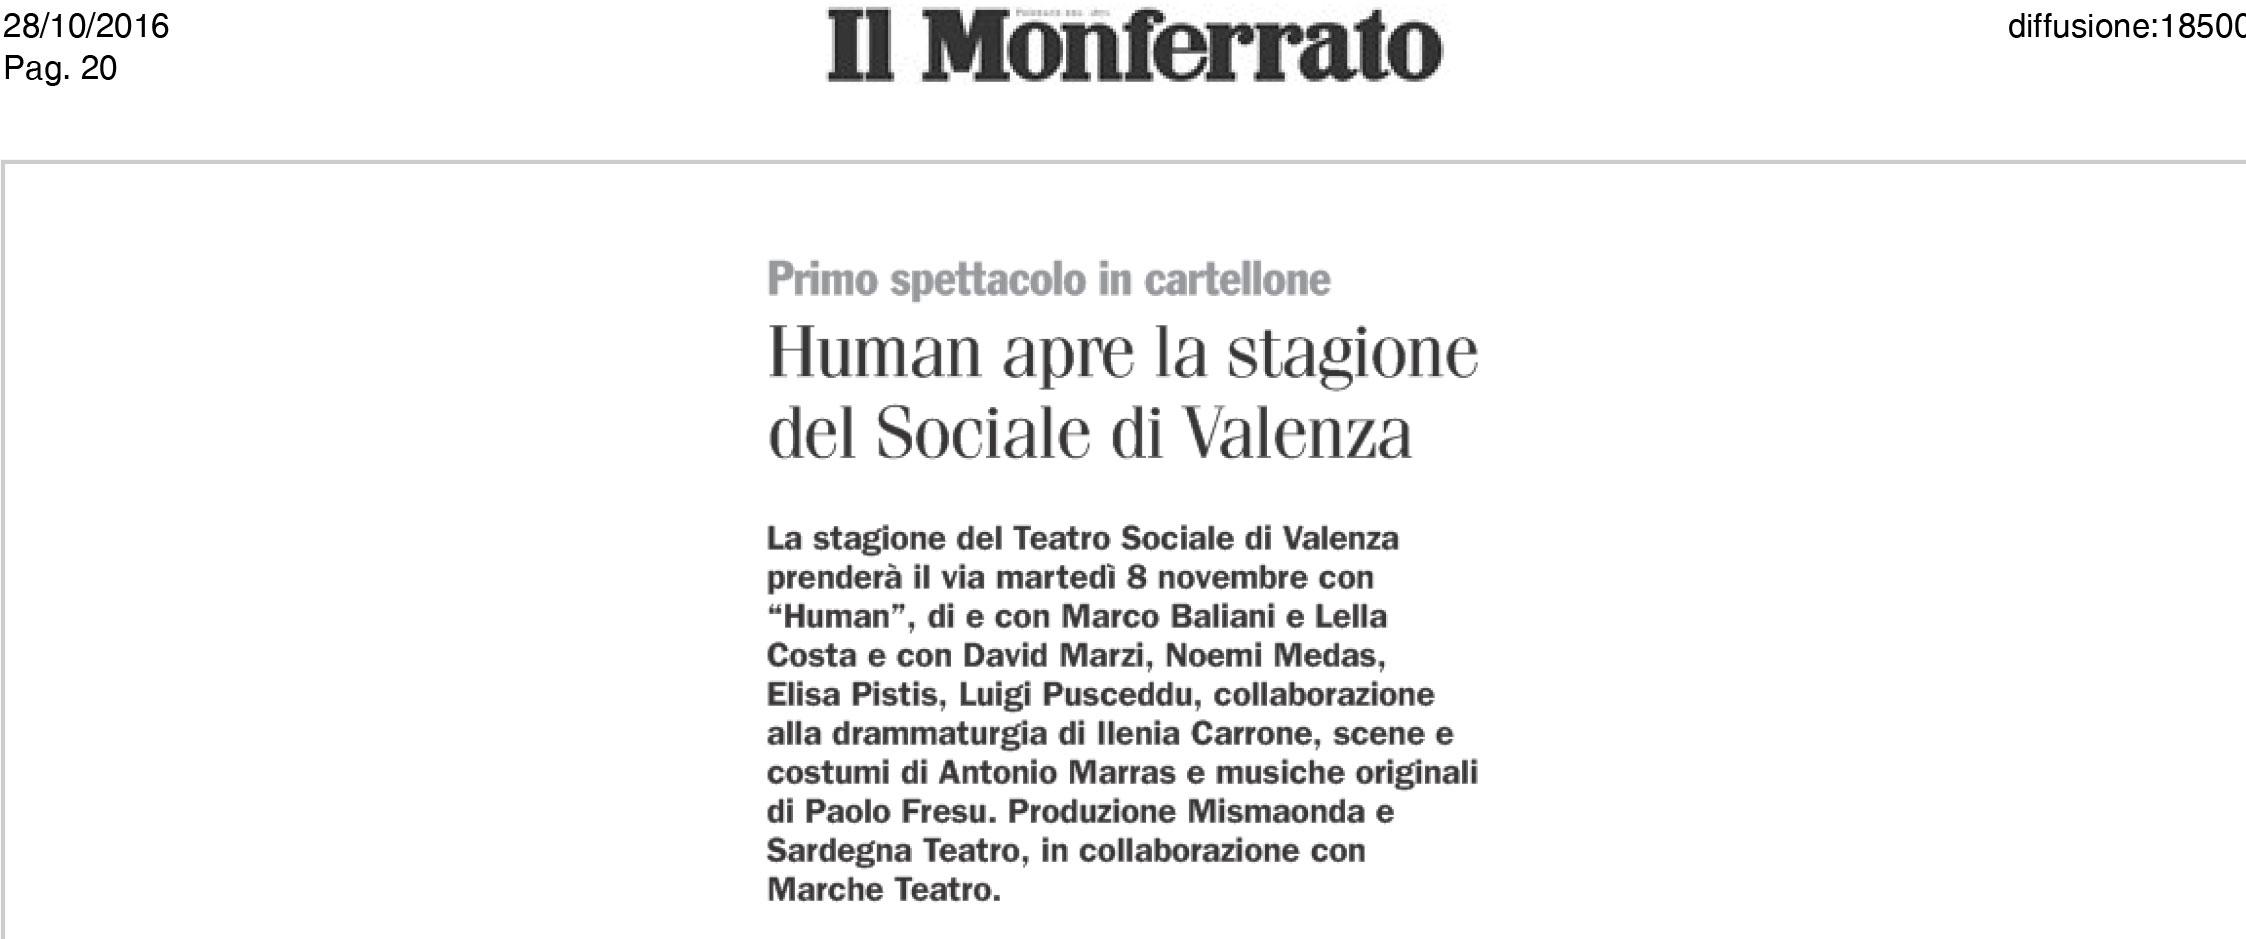 20161028_human-apre-la-stagione-del-sociale-di-valenza_il-monferrato